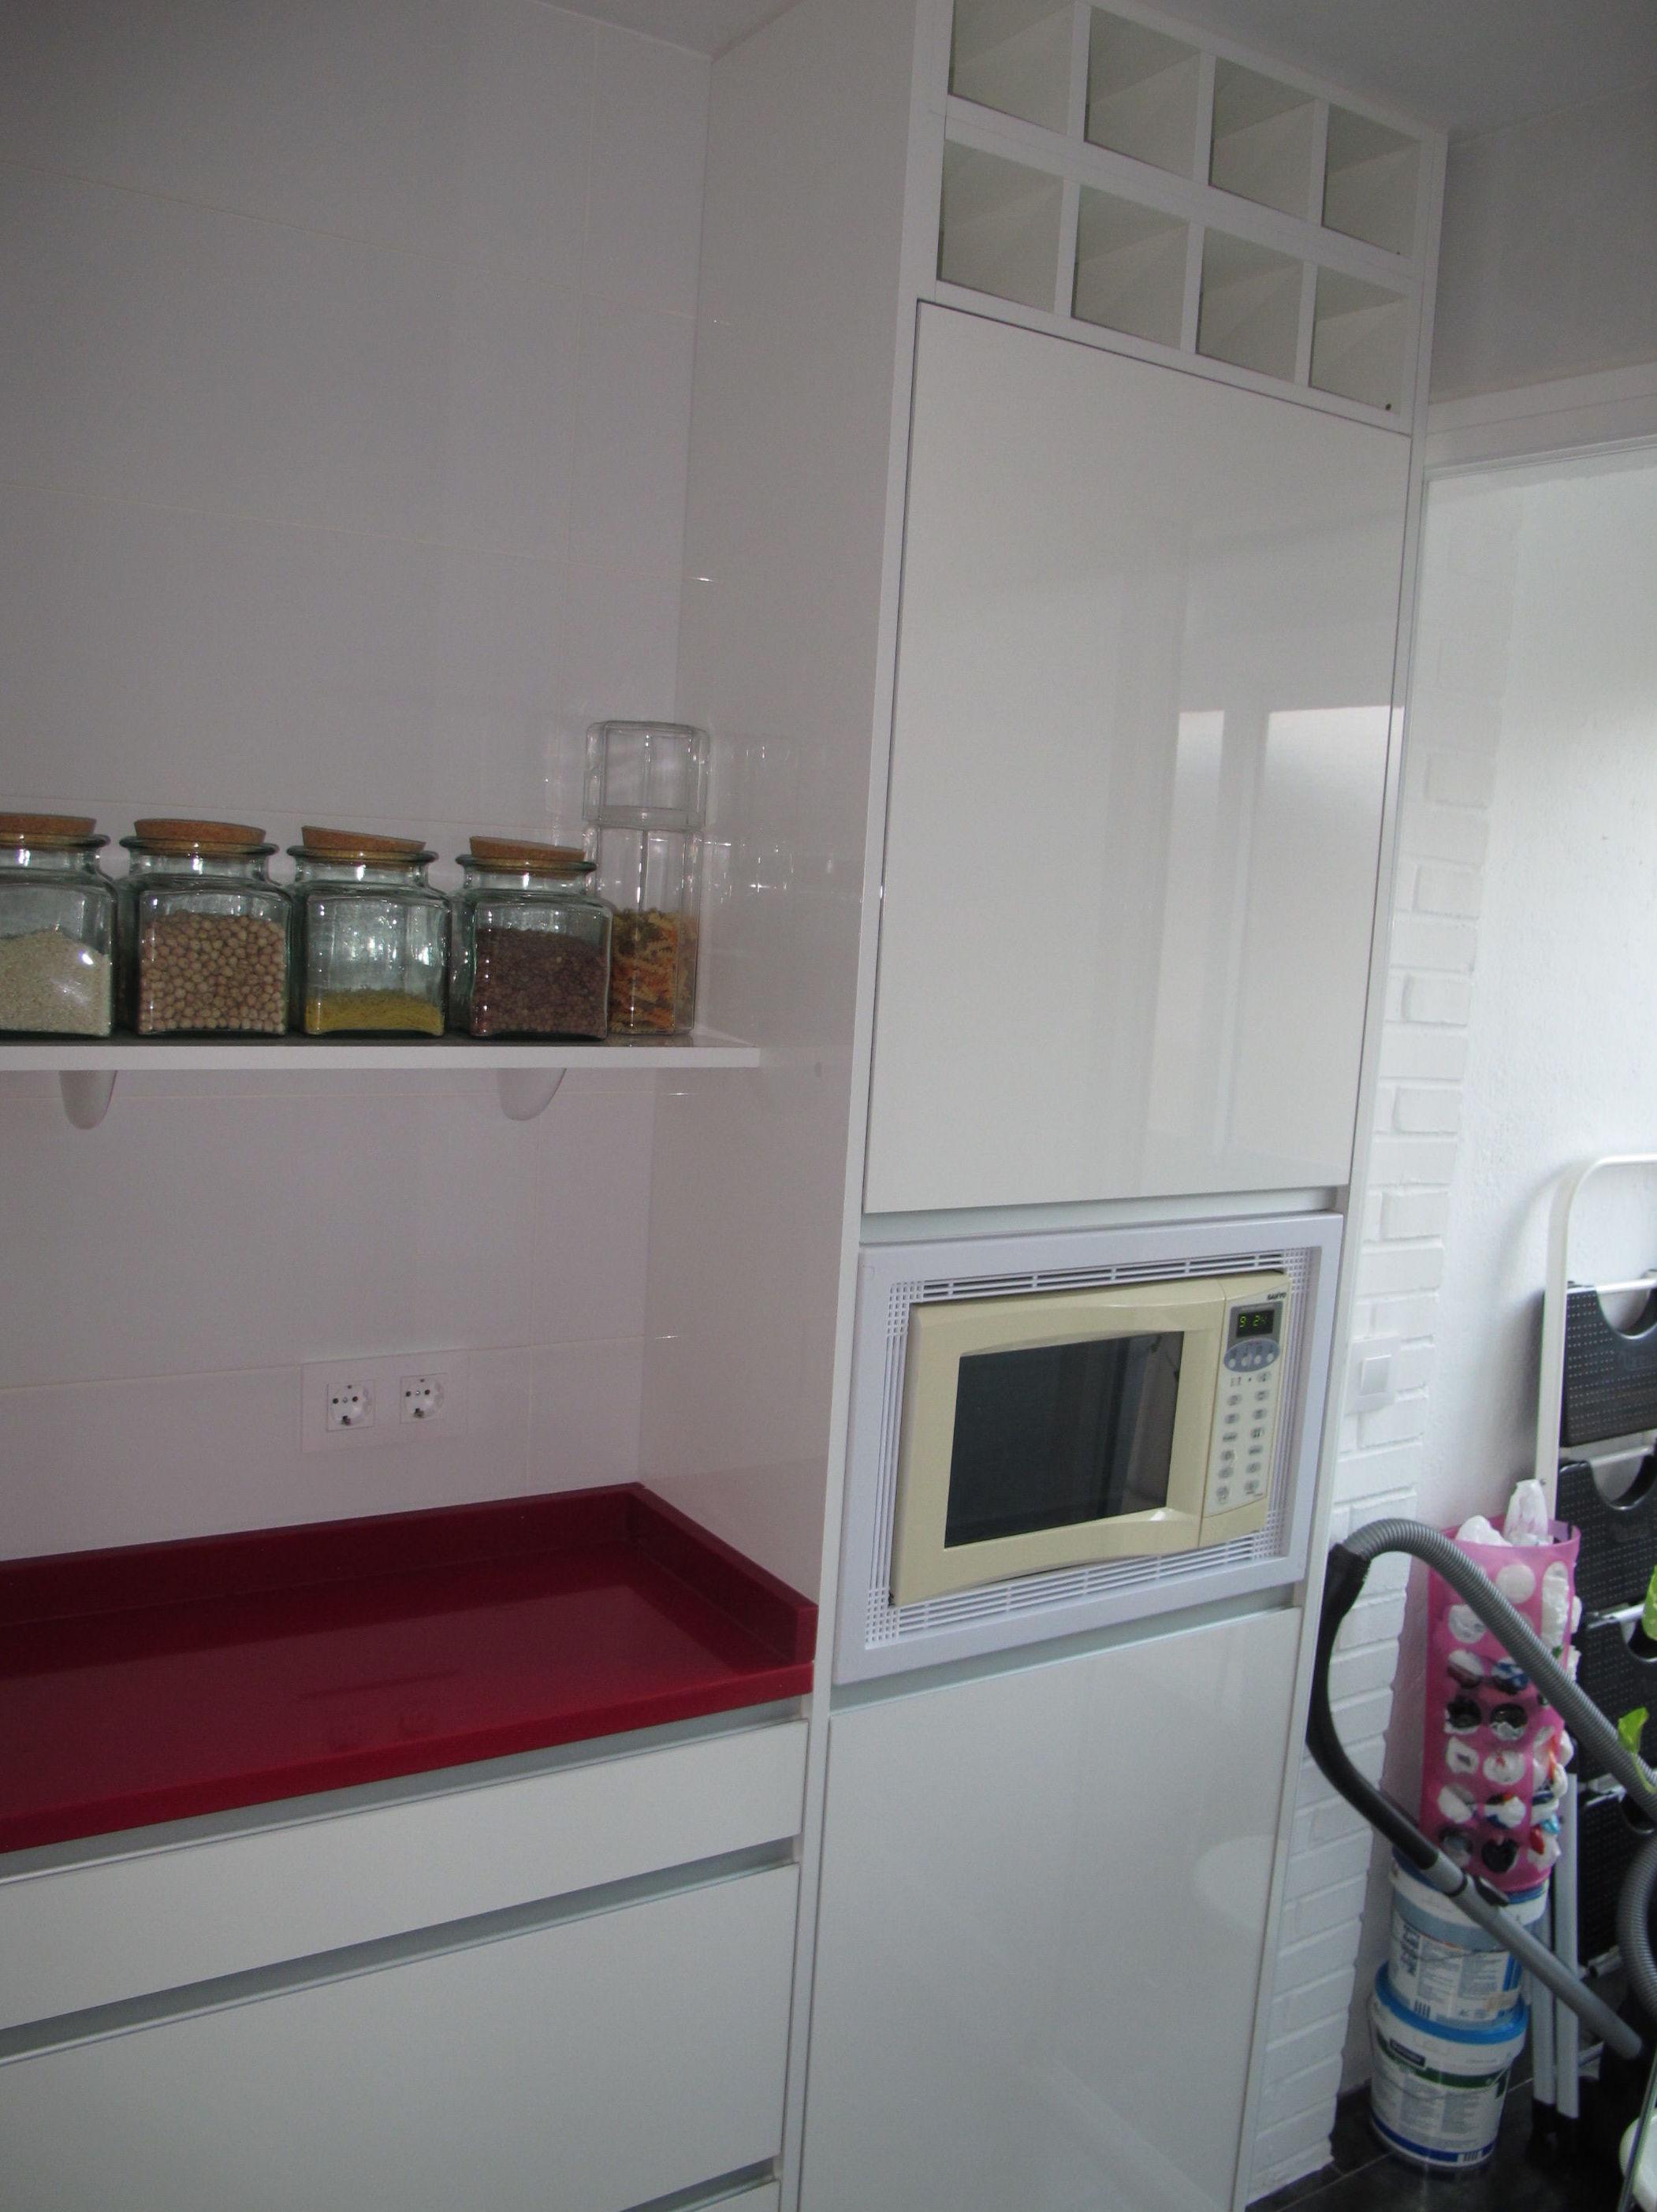 Muebles de cocina proyecto realizado en vistalegre for Proyecto muebles de cocina